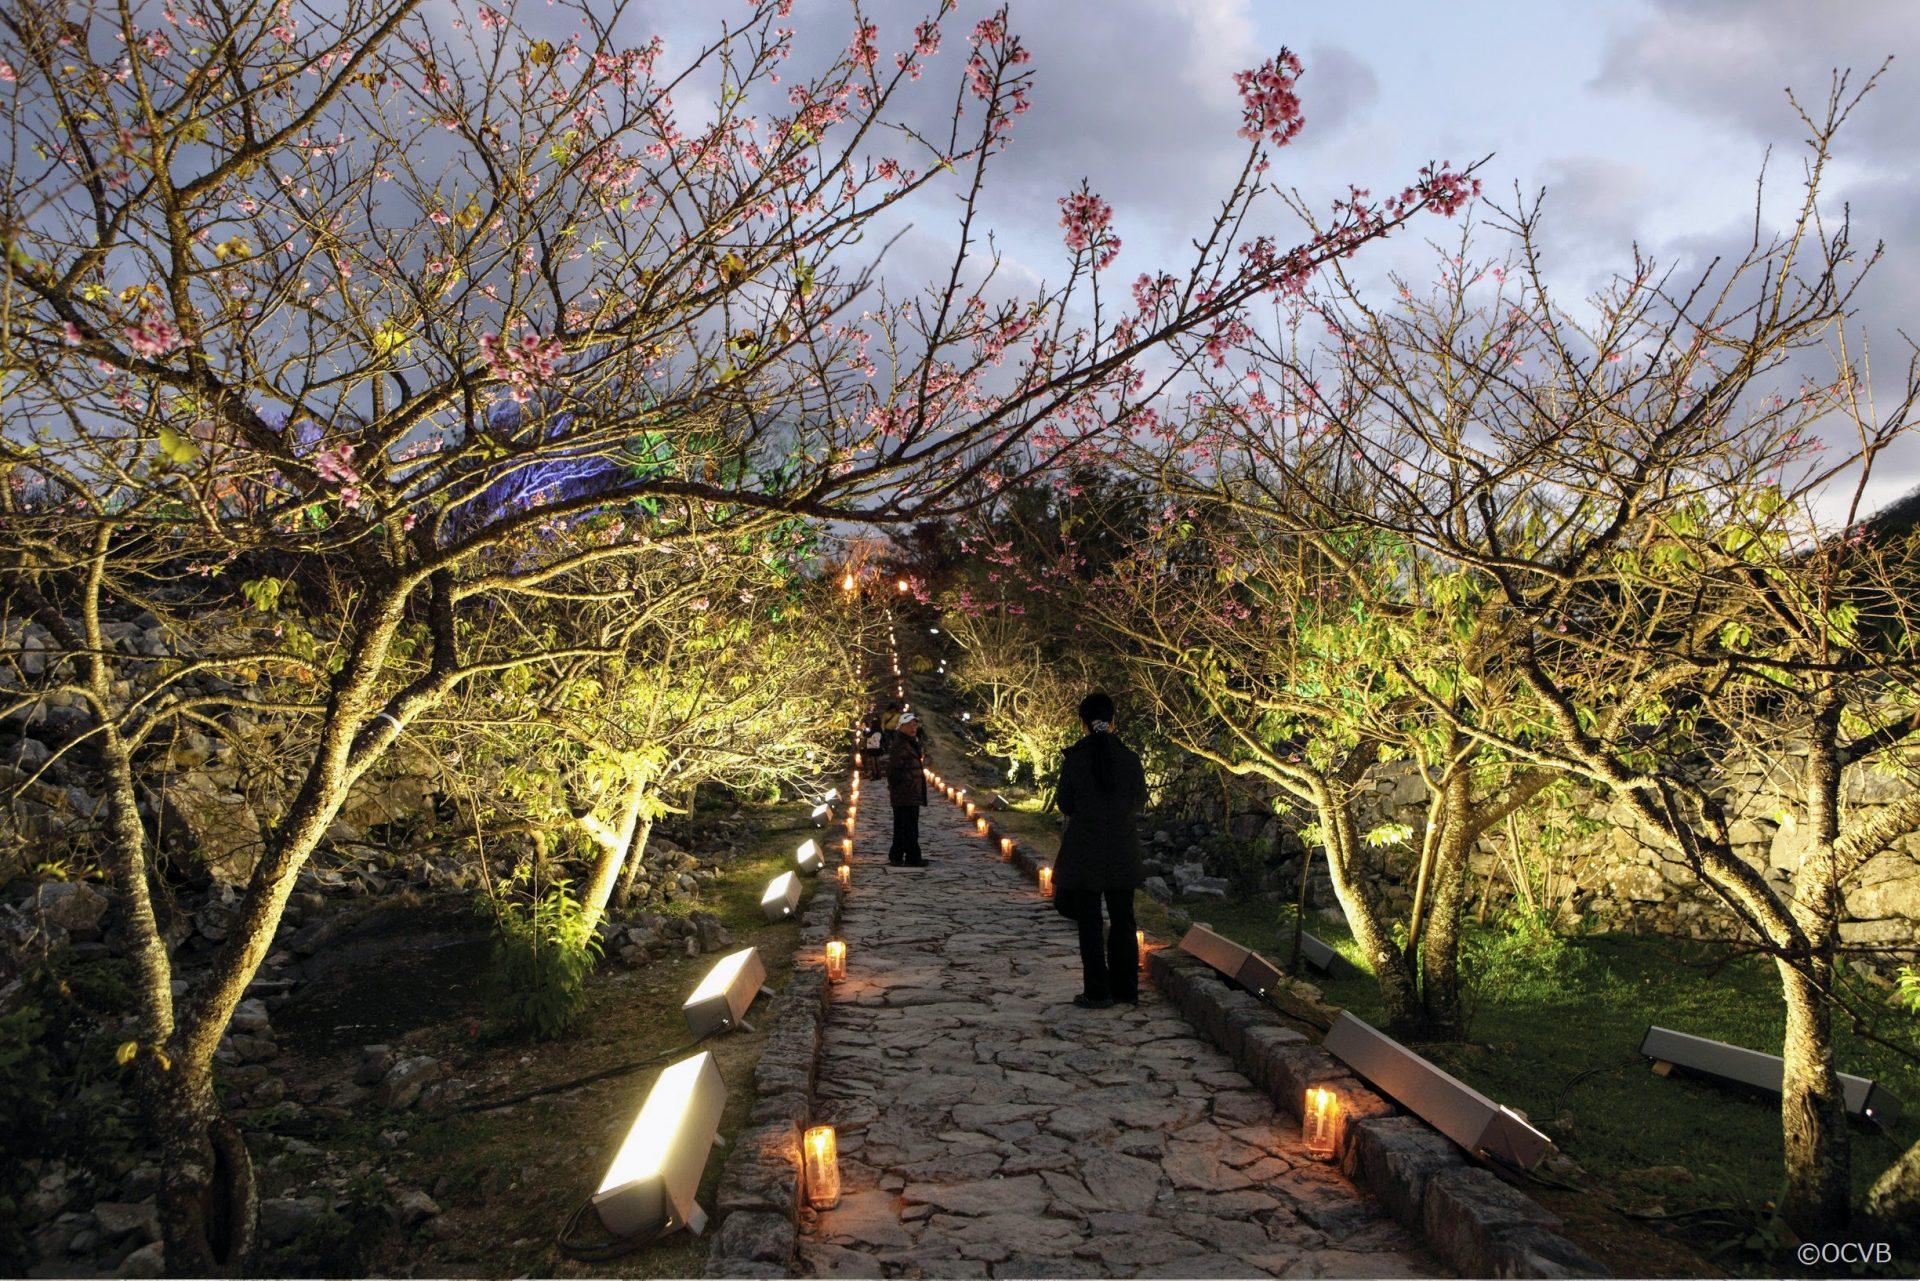 沖縄の桜祭り「今帰仁グスク桜まつり」